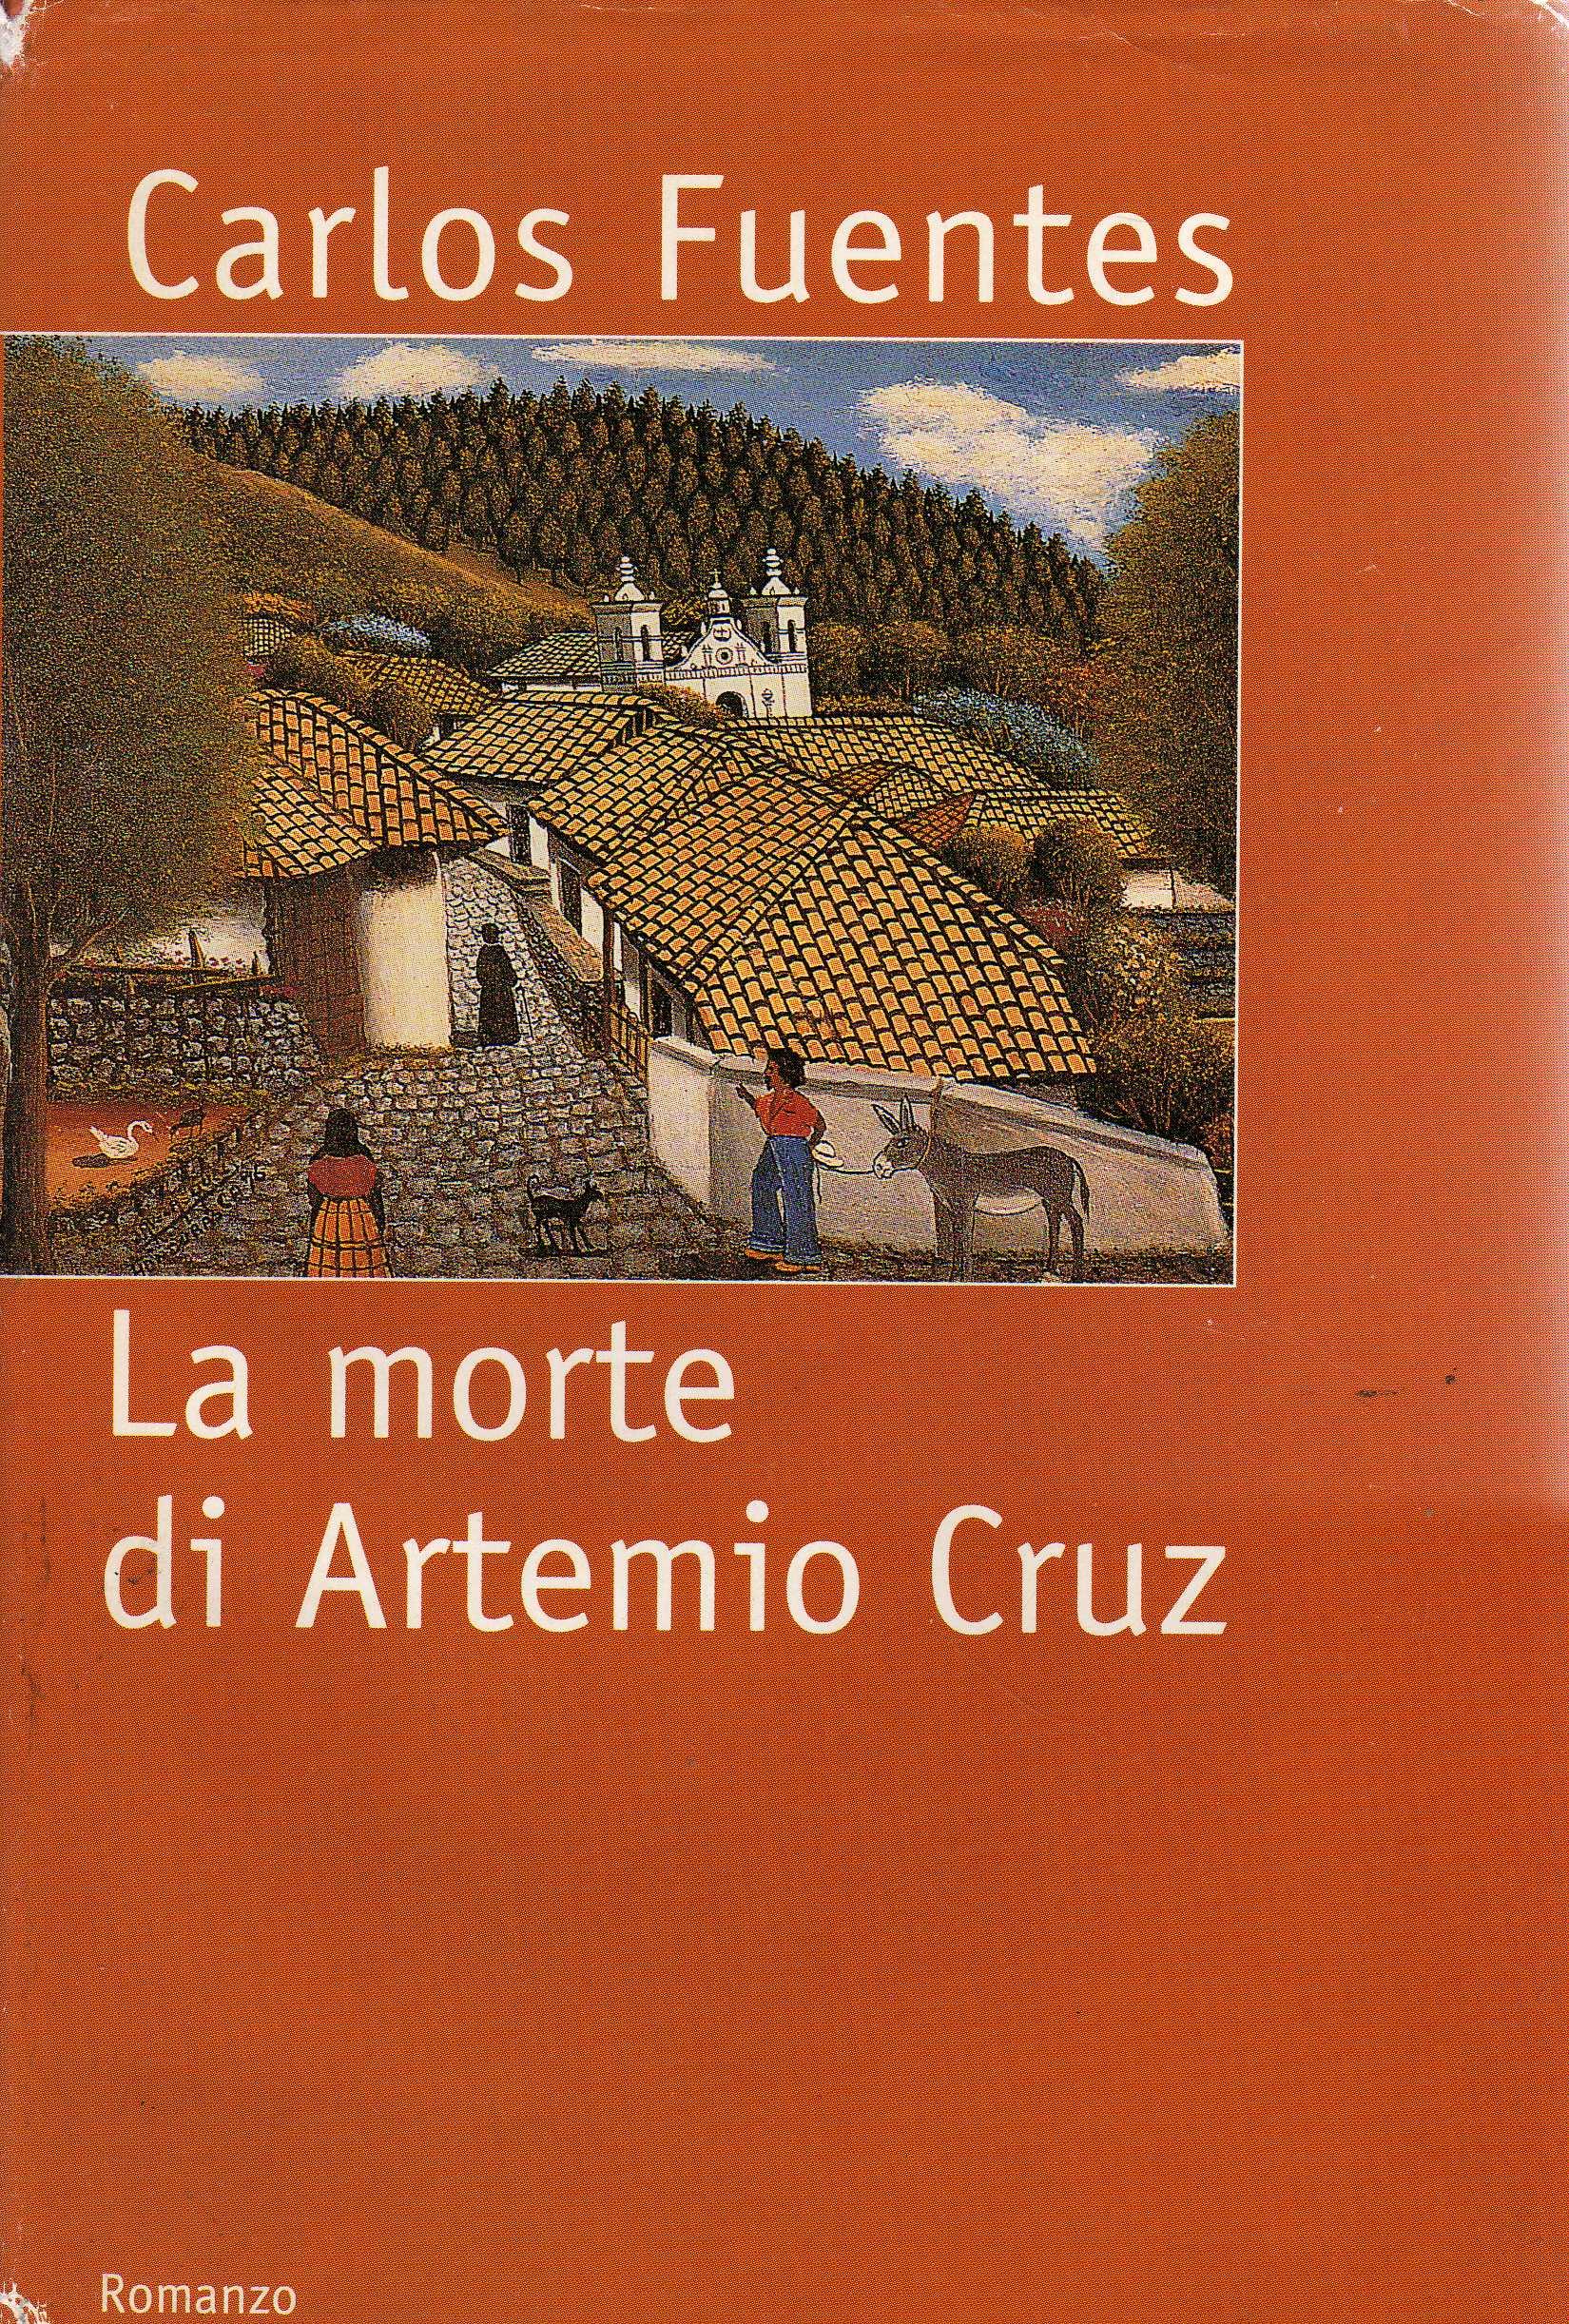 La morte di Artemio Cruz